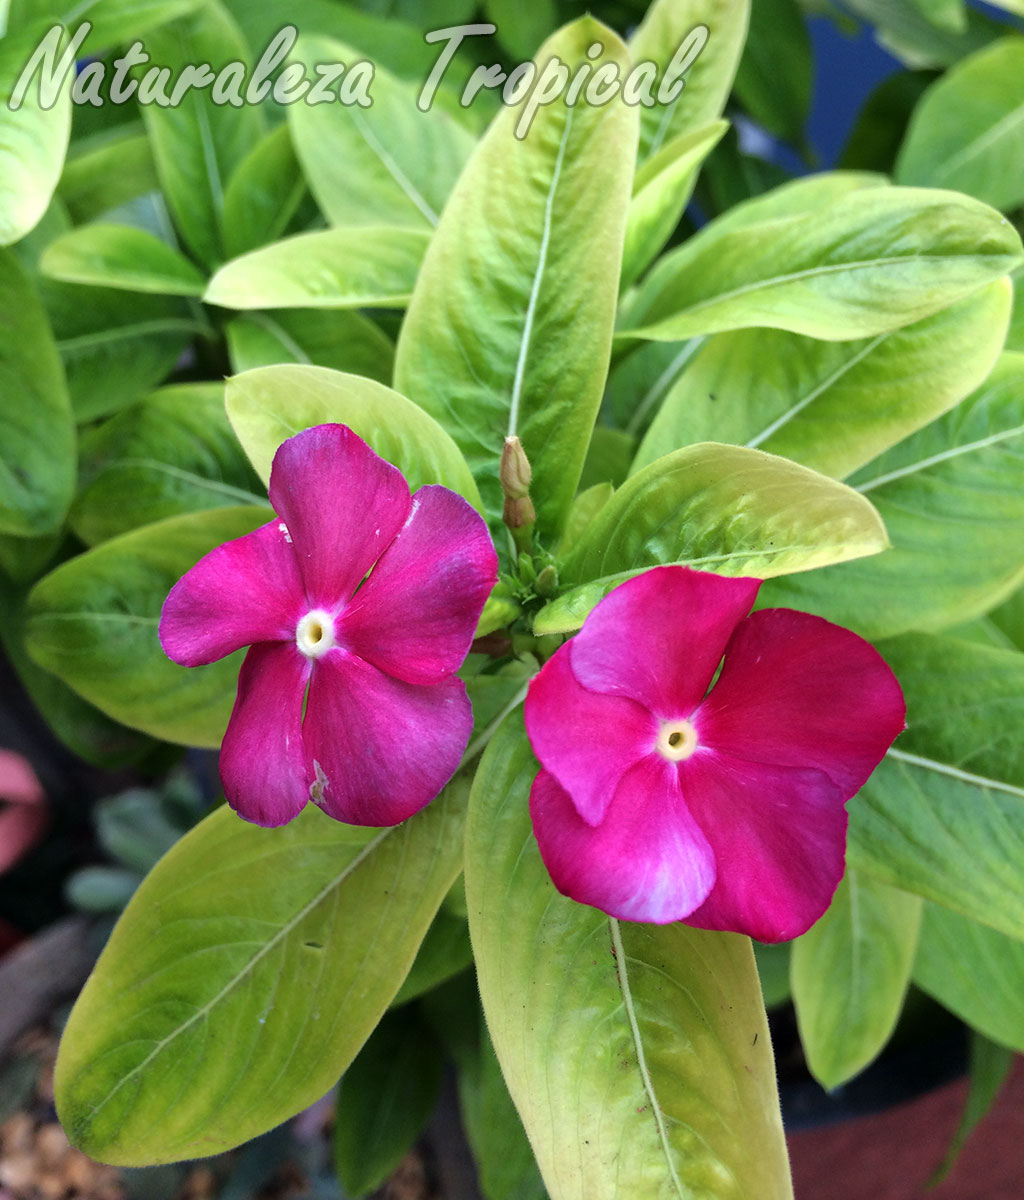 Naturaleza tropical por qu nuestras plantas cambian sus for Algunas plantas ornamentales